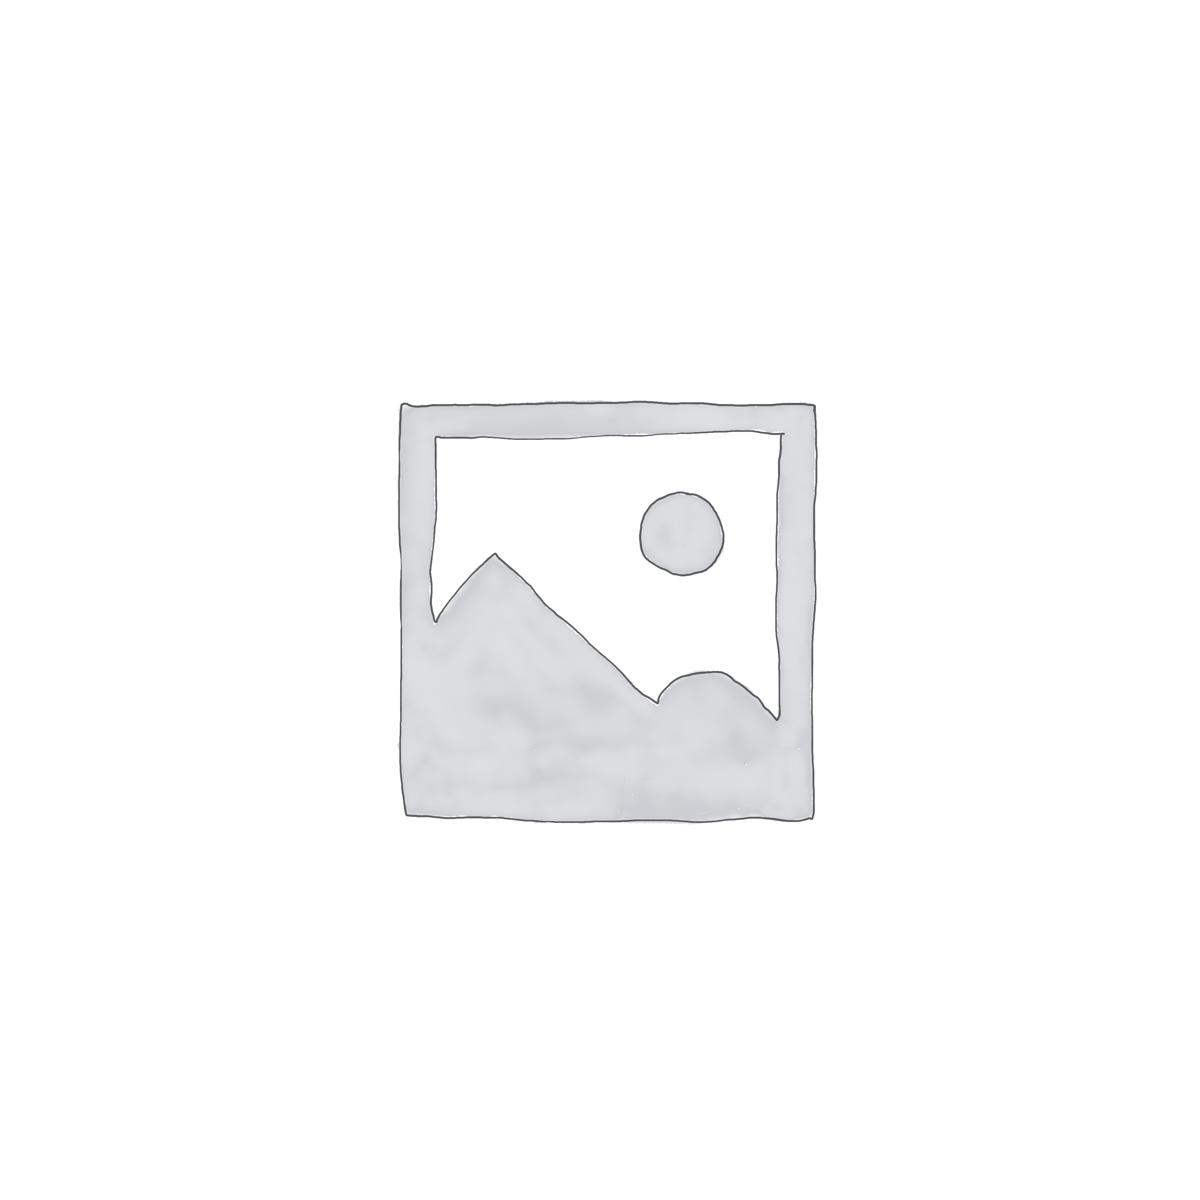 Коронштей культиватора КПП-14.8.05.001